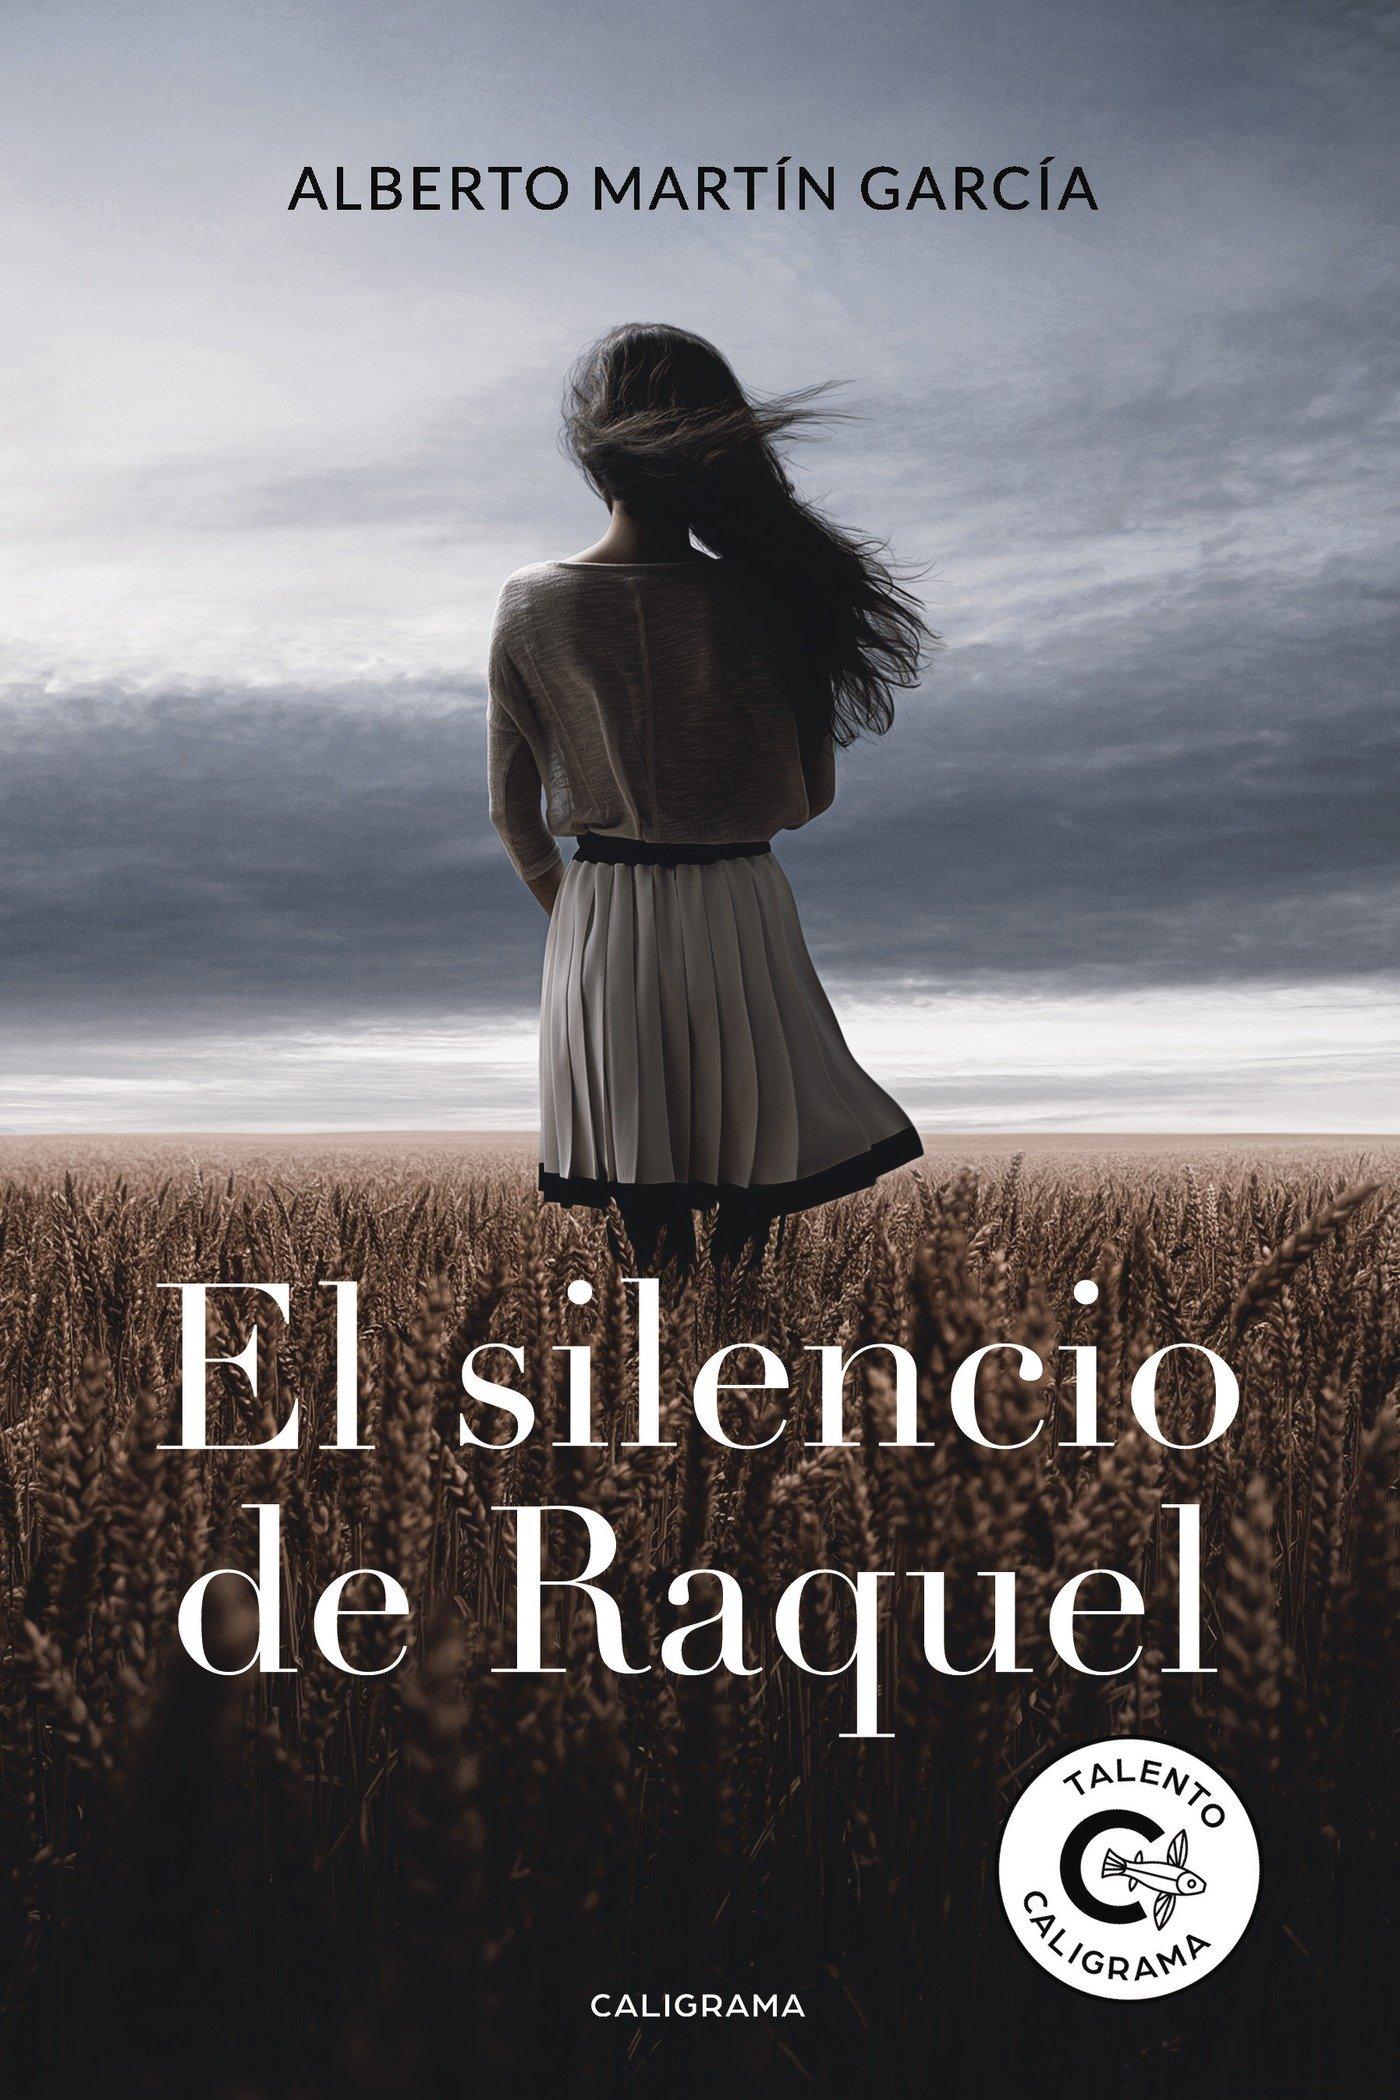 El silencio de Raquel (Talento): Amazon.es: Alberto Martín García: Libros